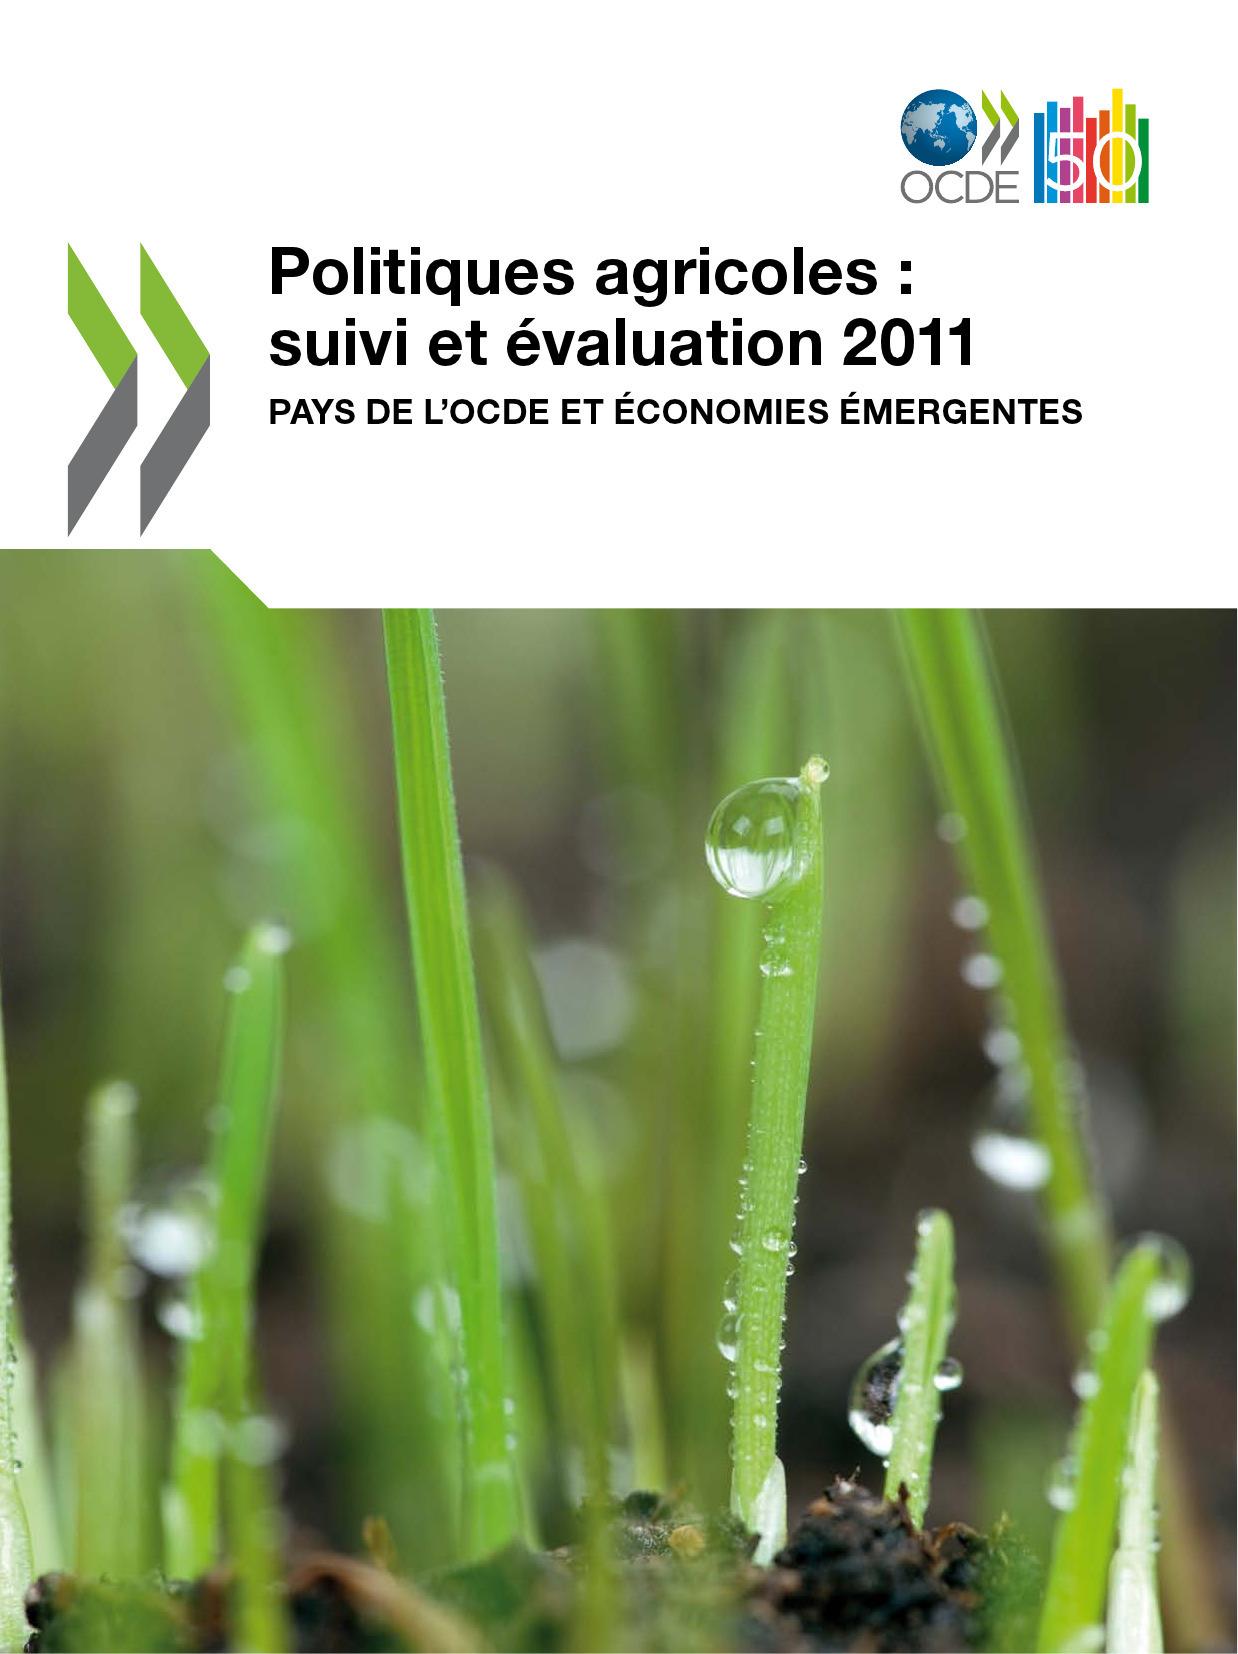 Collectif Politiques agricoles: suivi et évaluation 2011